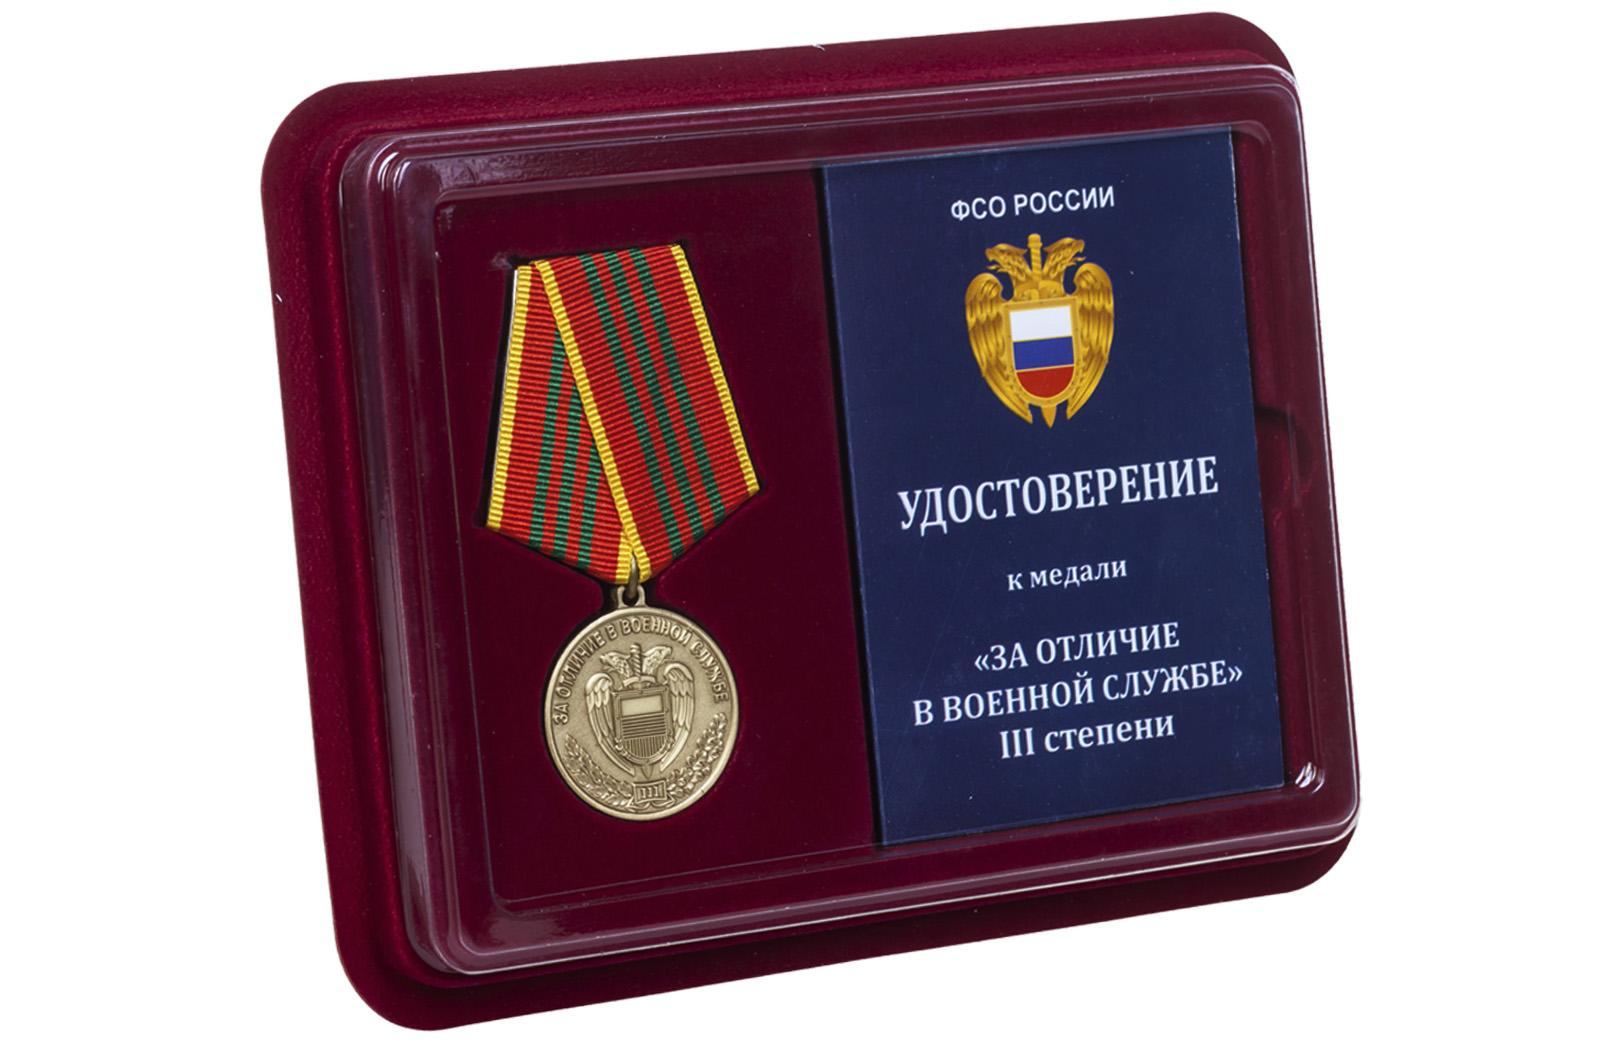 Купить медаль ФСО РФ За отличие в военной службе 3 степени с доставкой онлайн